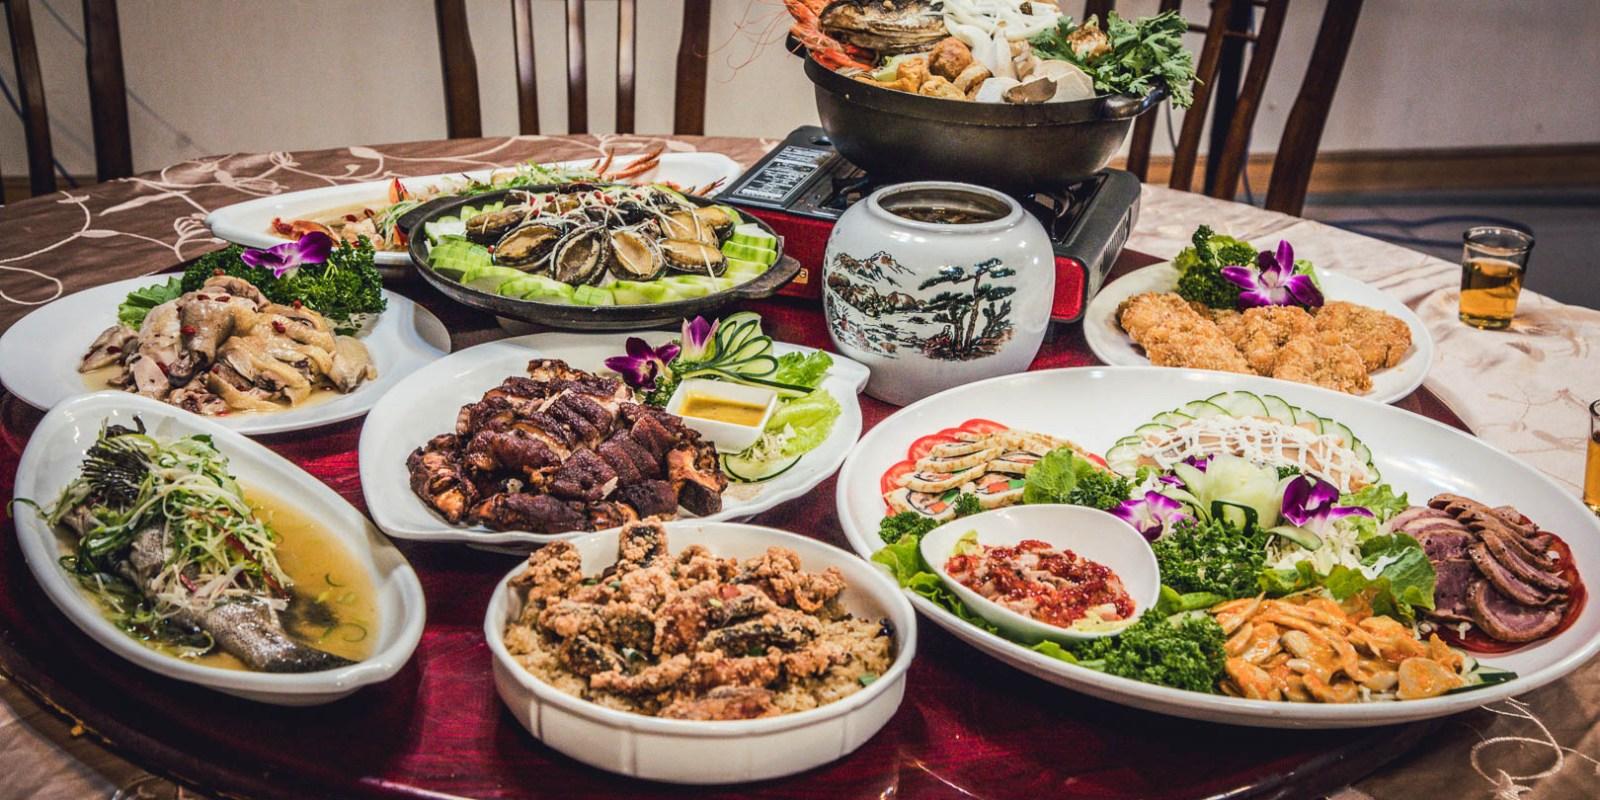 2021年菜推薦/68食堂/今年過年不煮了!68食堂超值年菜套餐比自己煮還便宜澎湃,自己還煮什麼?!